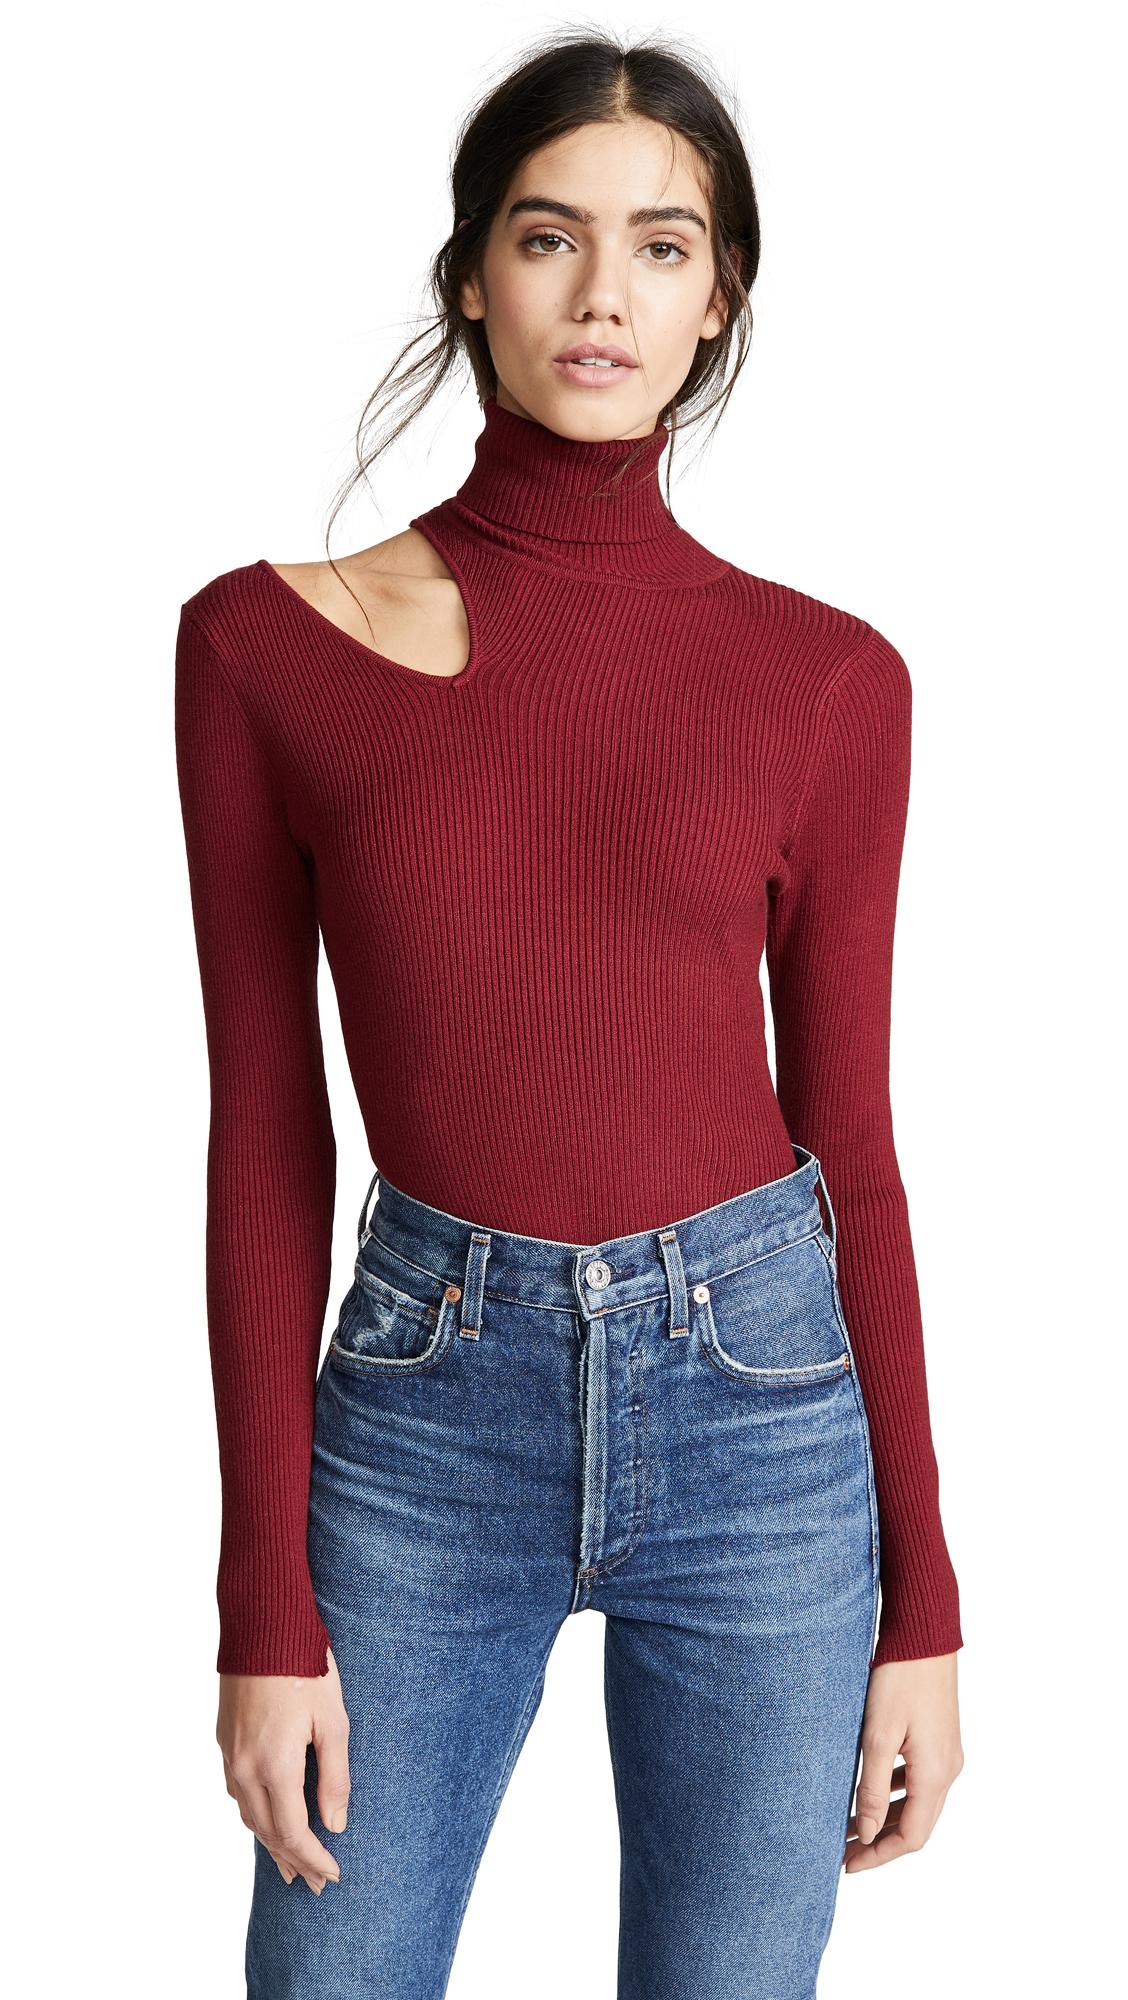 Vivi Sweater in Scarlet Red